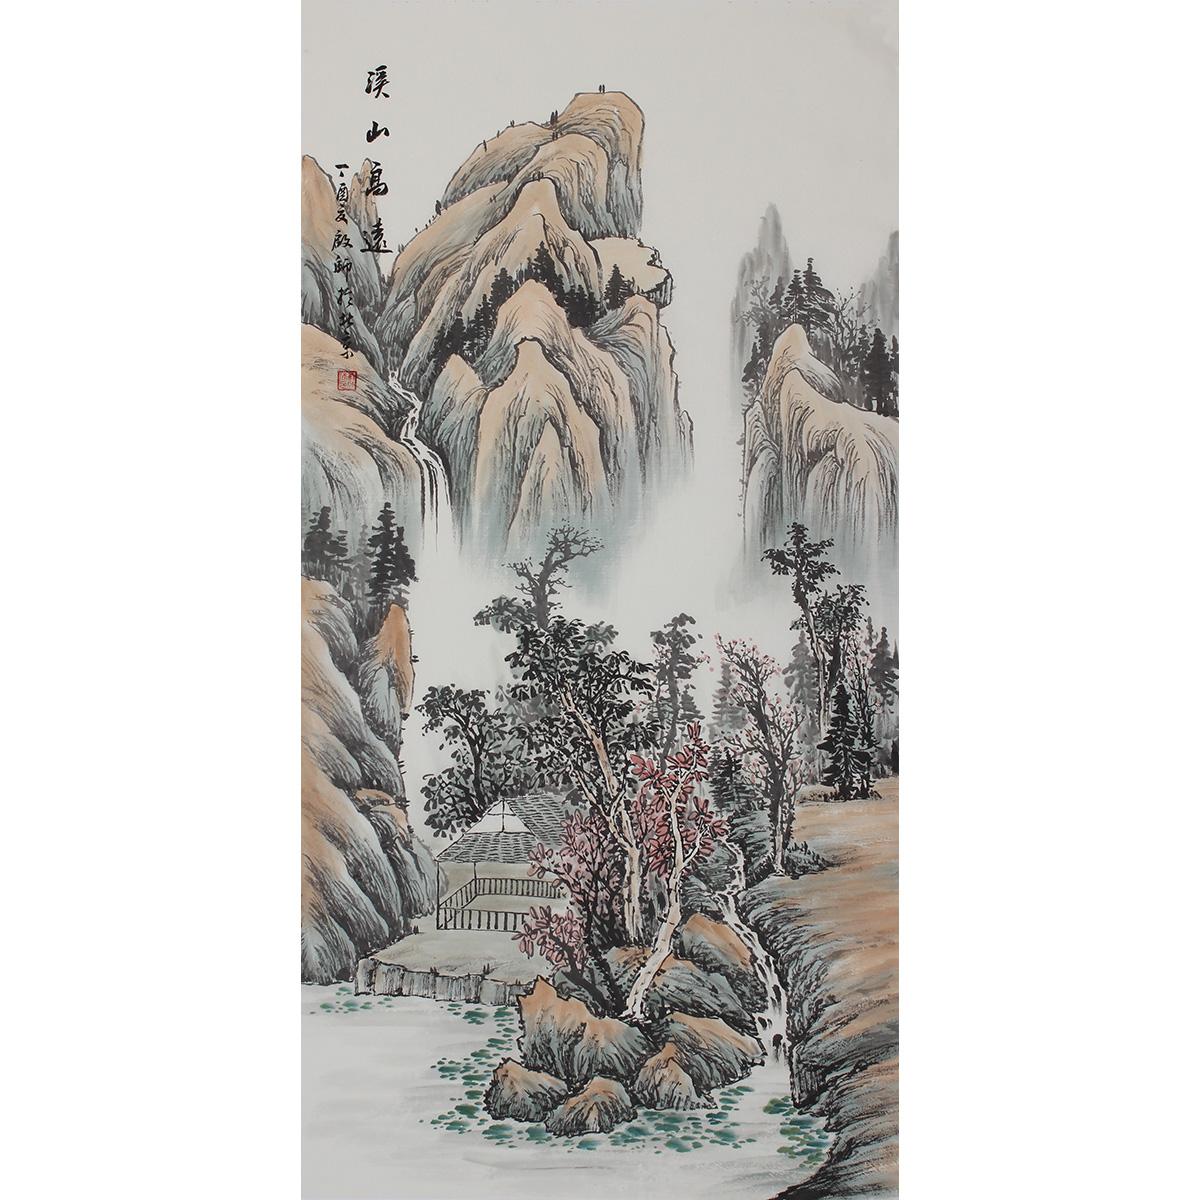 国画山水画竖幅纯黑白水墨 纯手绘原稿挂轴挂画客厅装饰画客厅画_7折图片